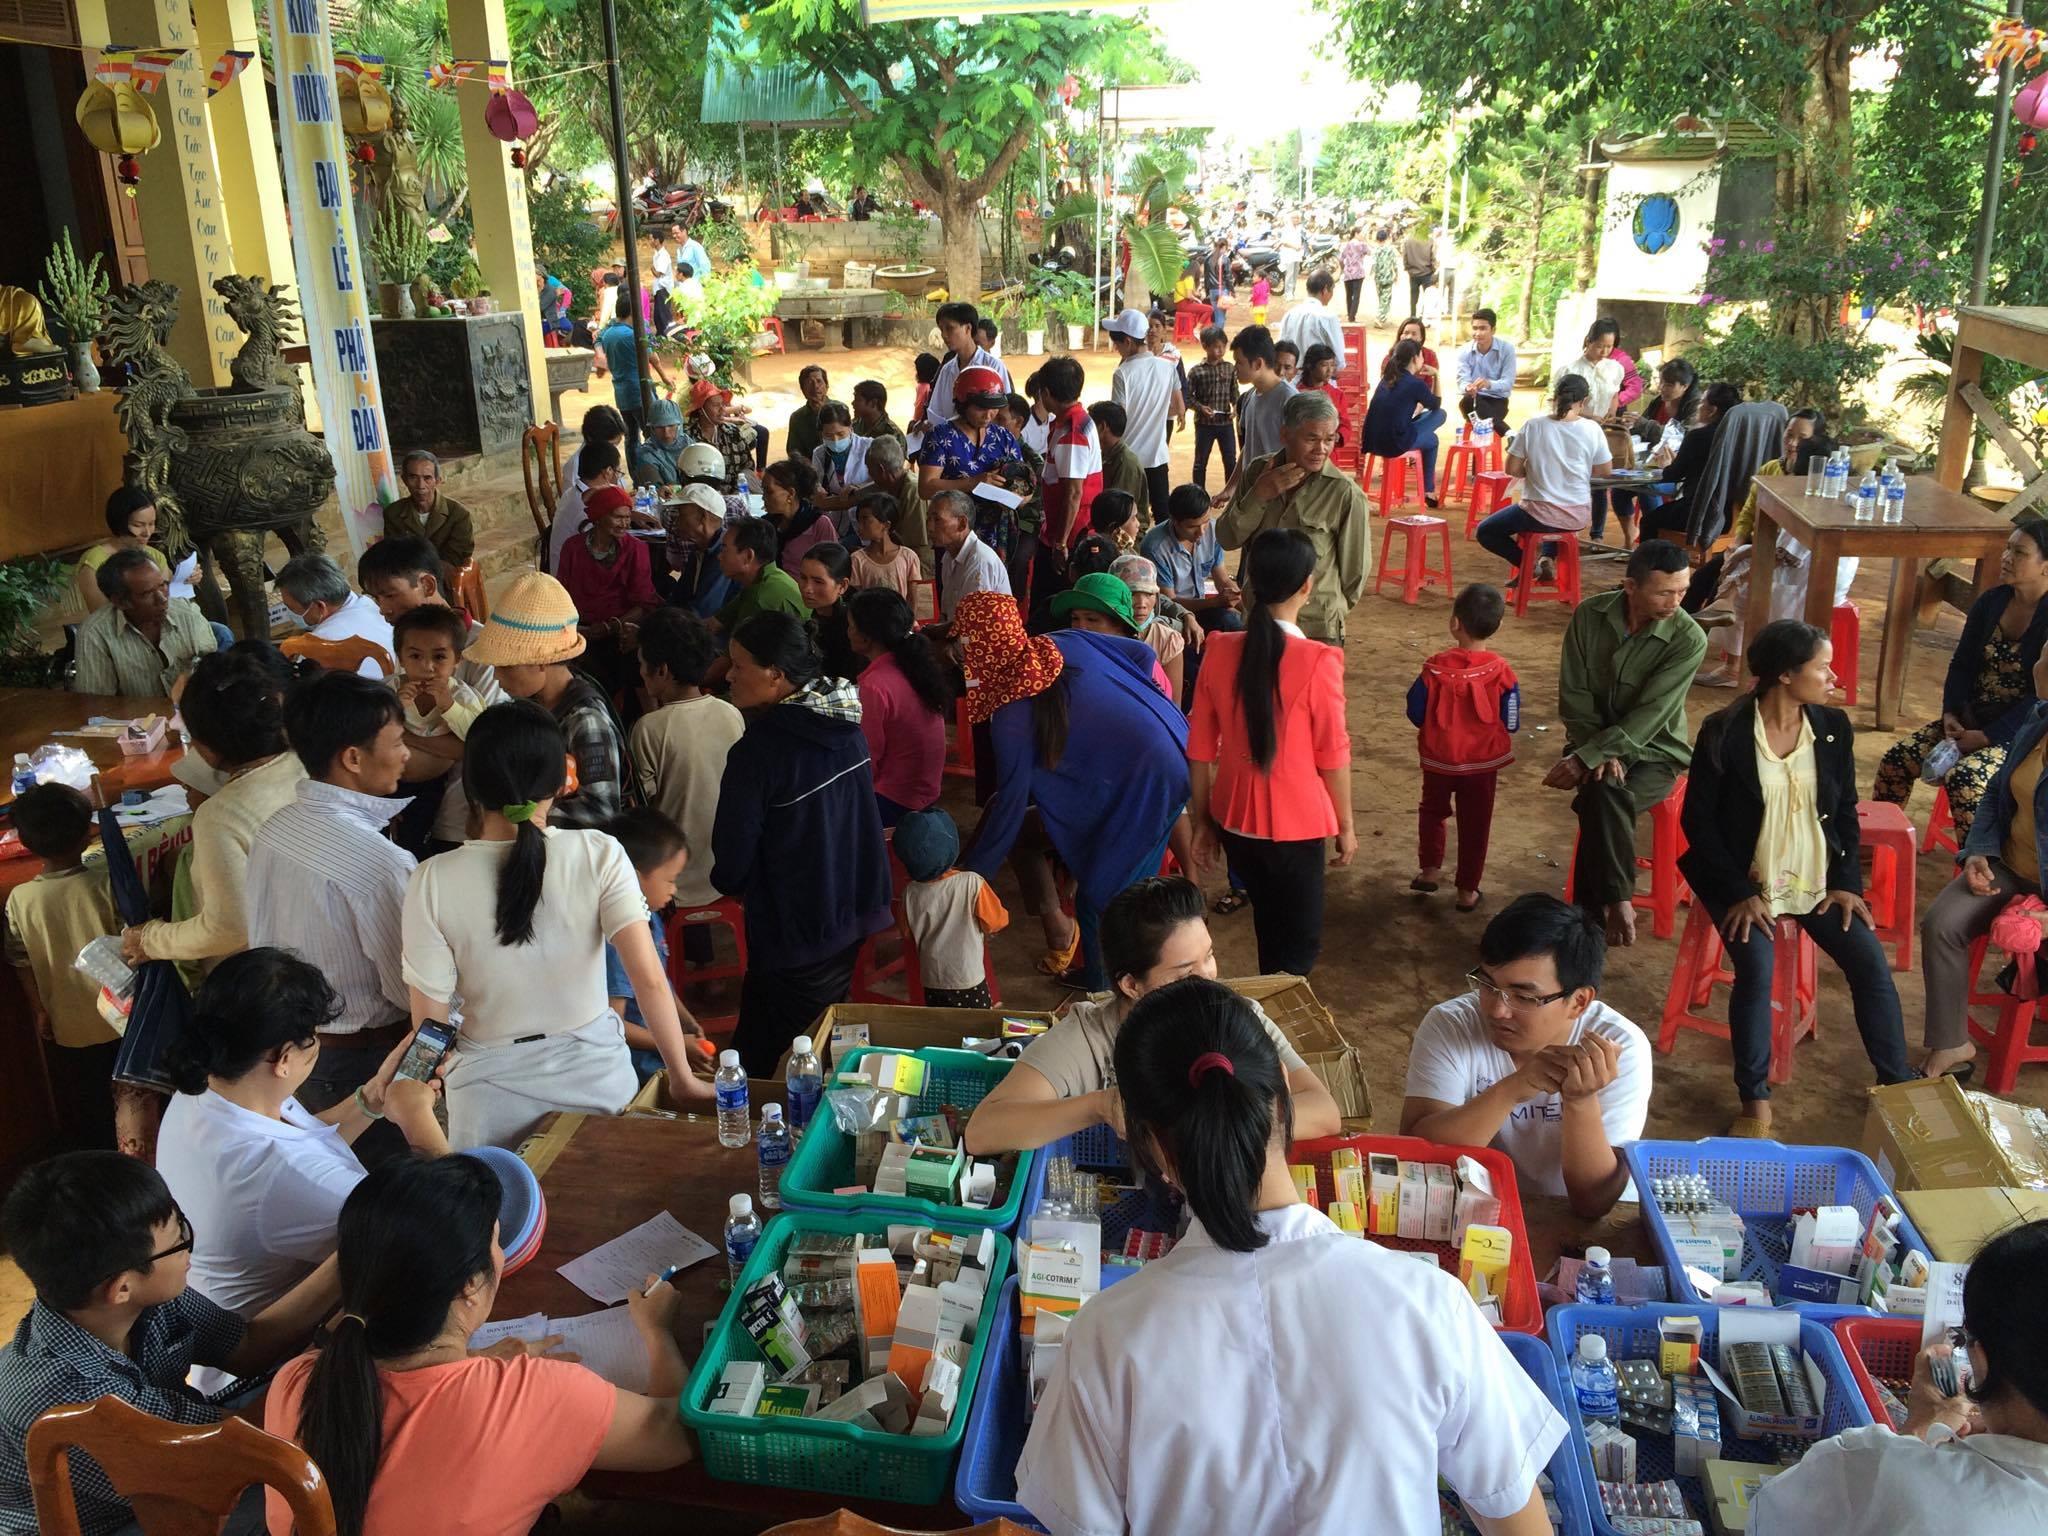 Hơn 1.000 bệnh nhân về chùa Phước Điền khám bệnh